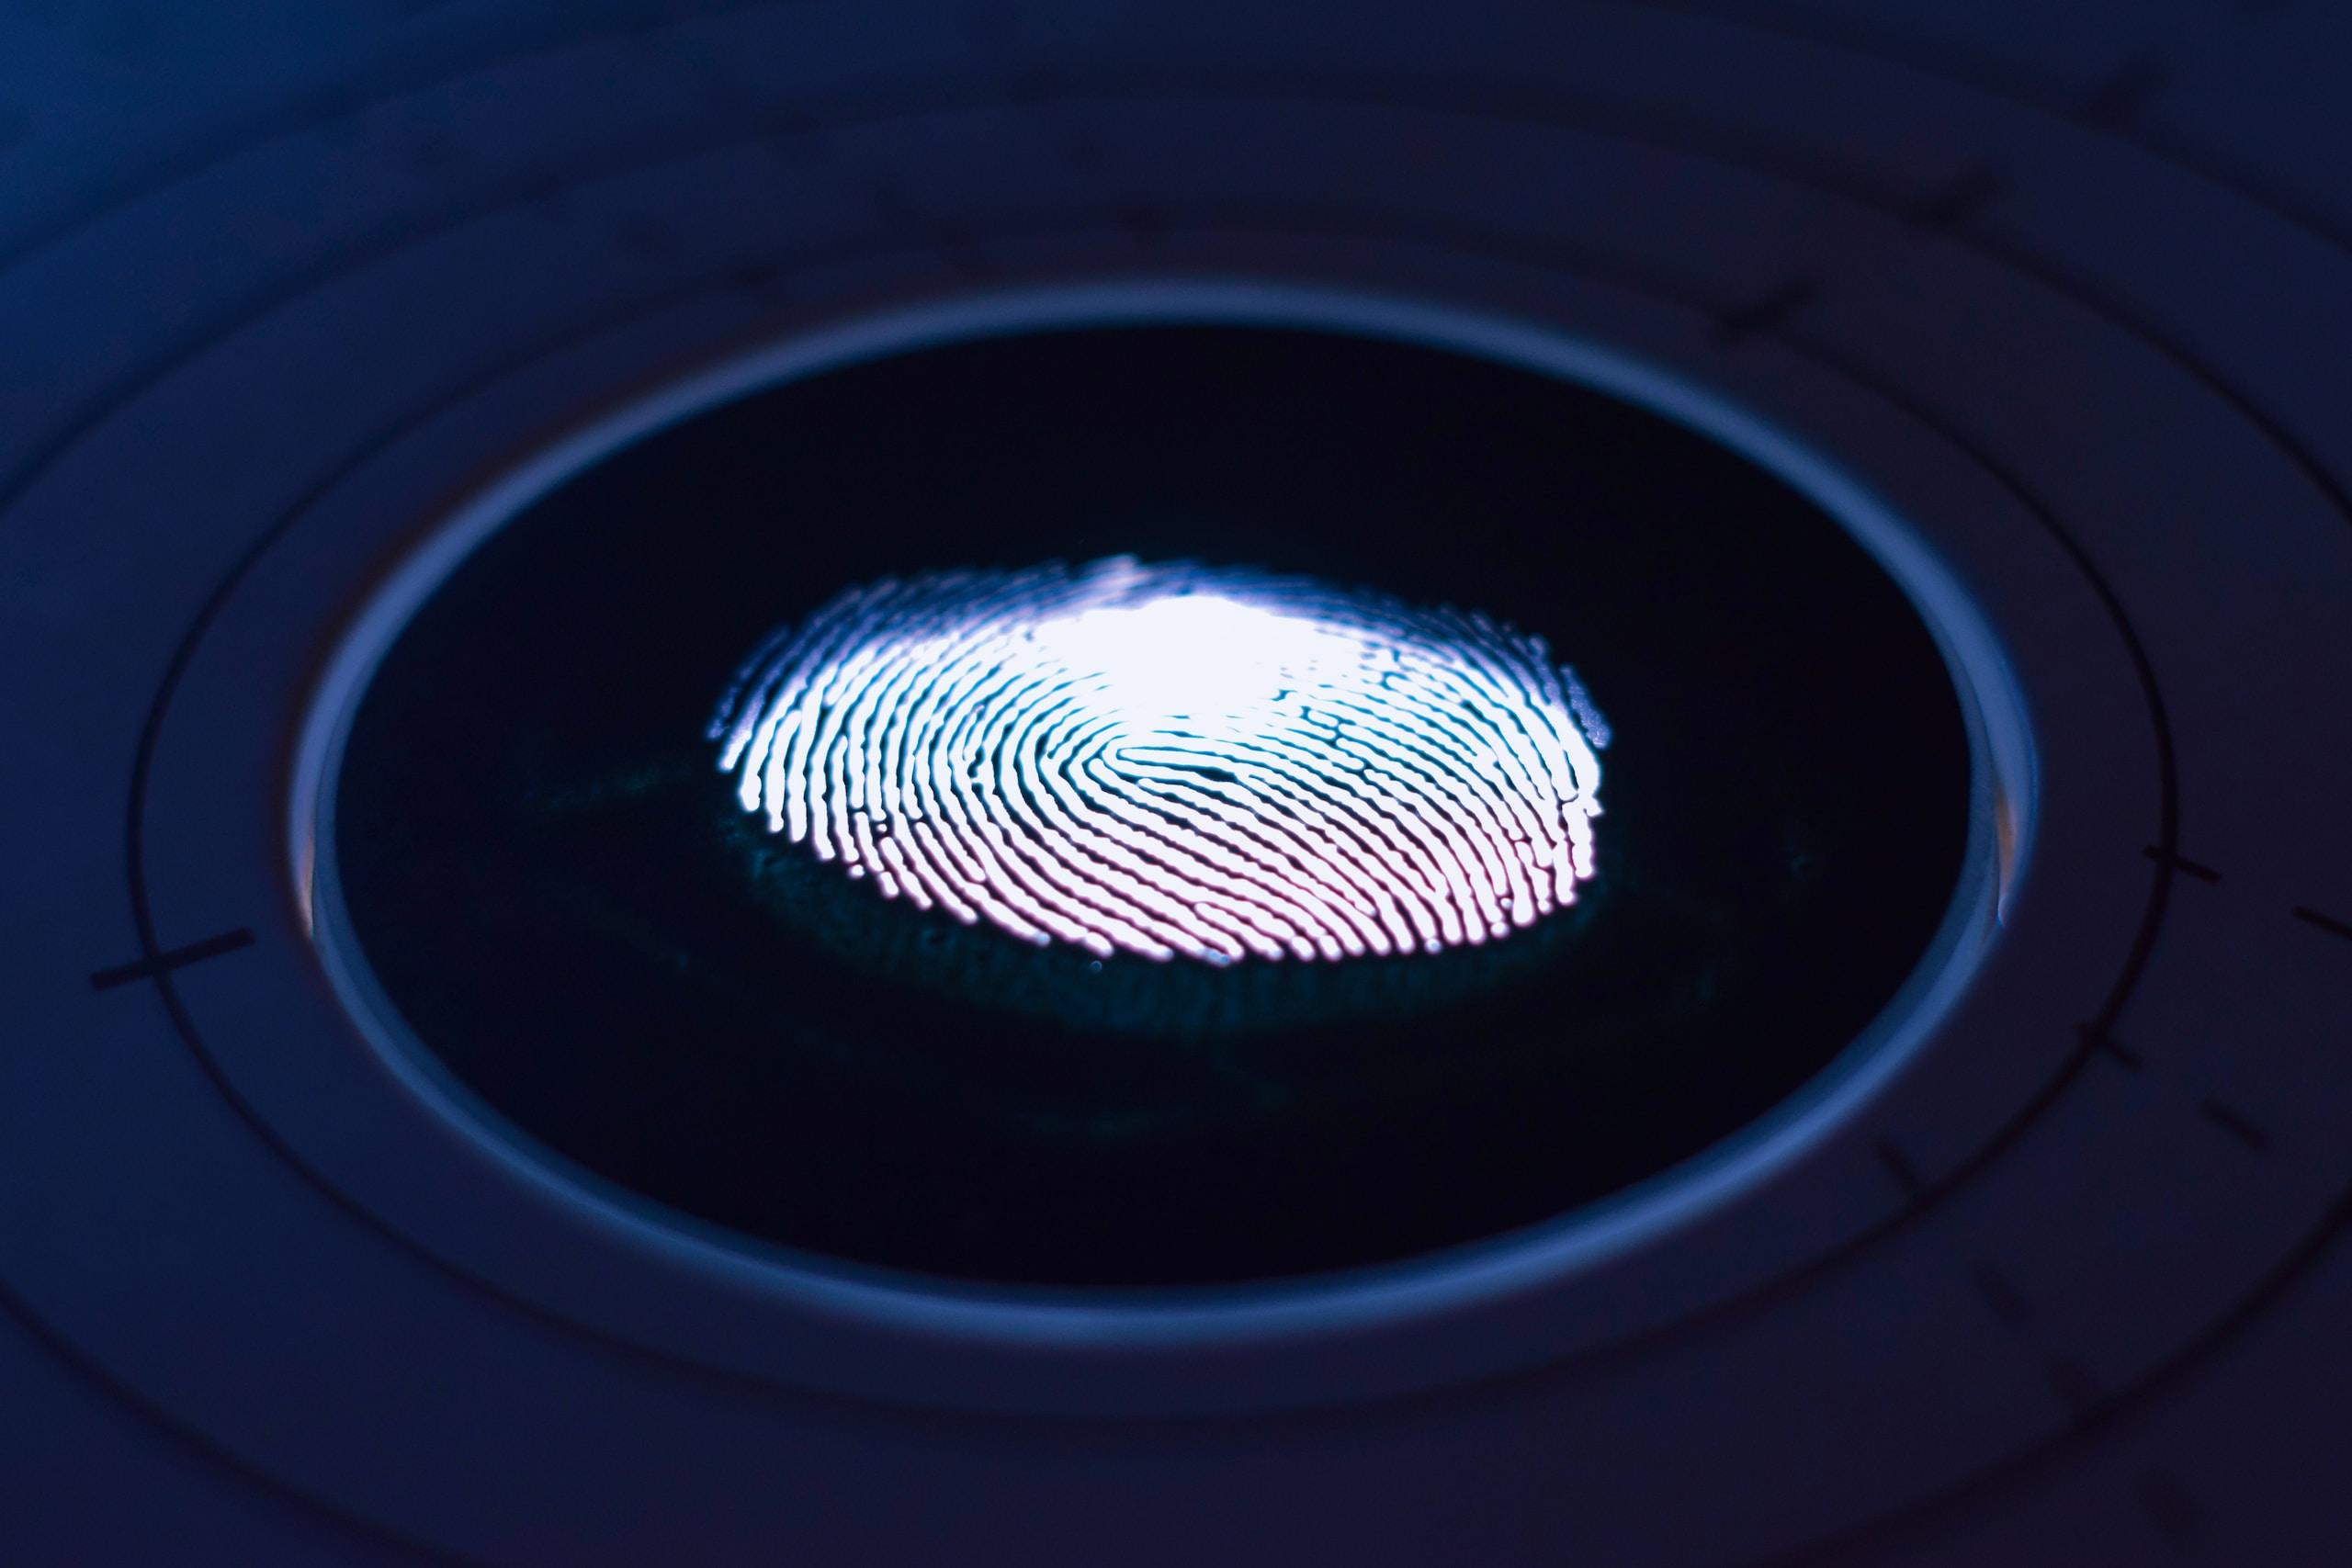 huella dactilar datos biométricos méxico